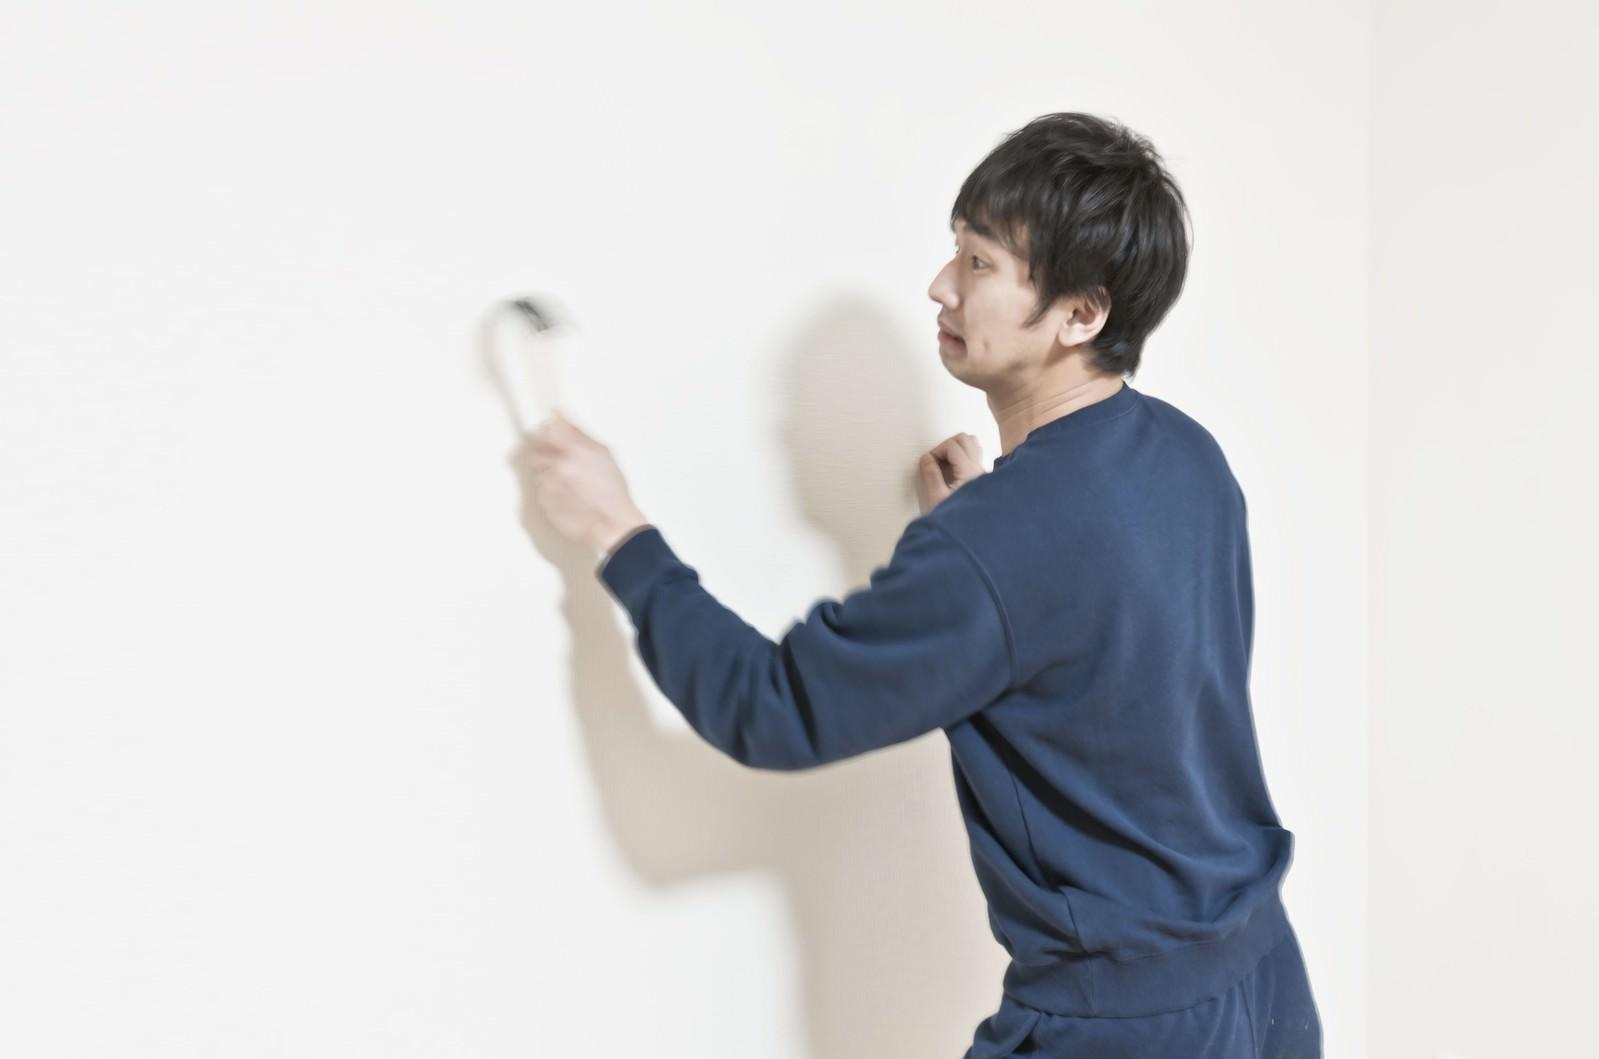 「ハンマーで壁を連打するスウェット姿の男性 | 写真の無料素材・フリー素材 - ぱくたそ」の写真[モデル:大川竜弥]